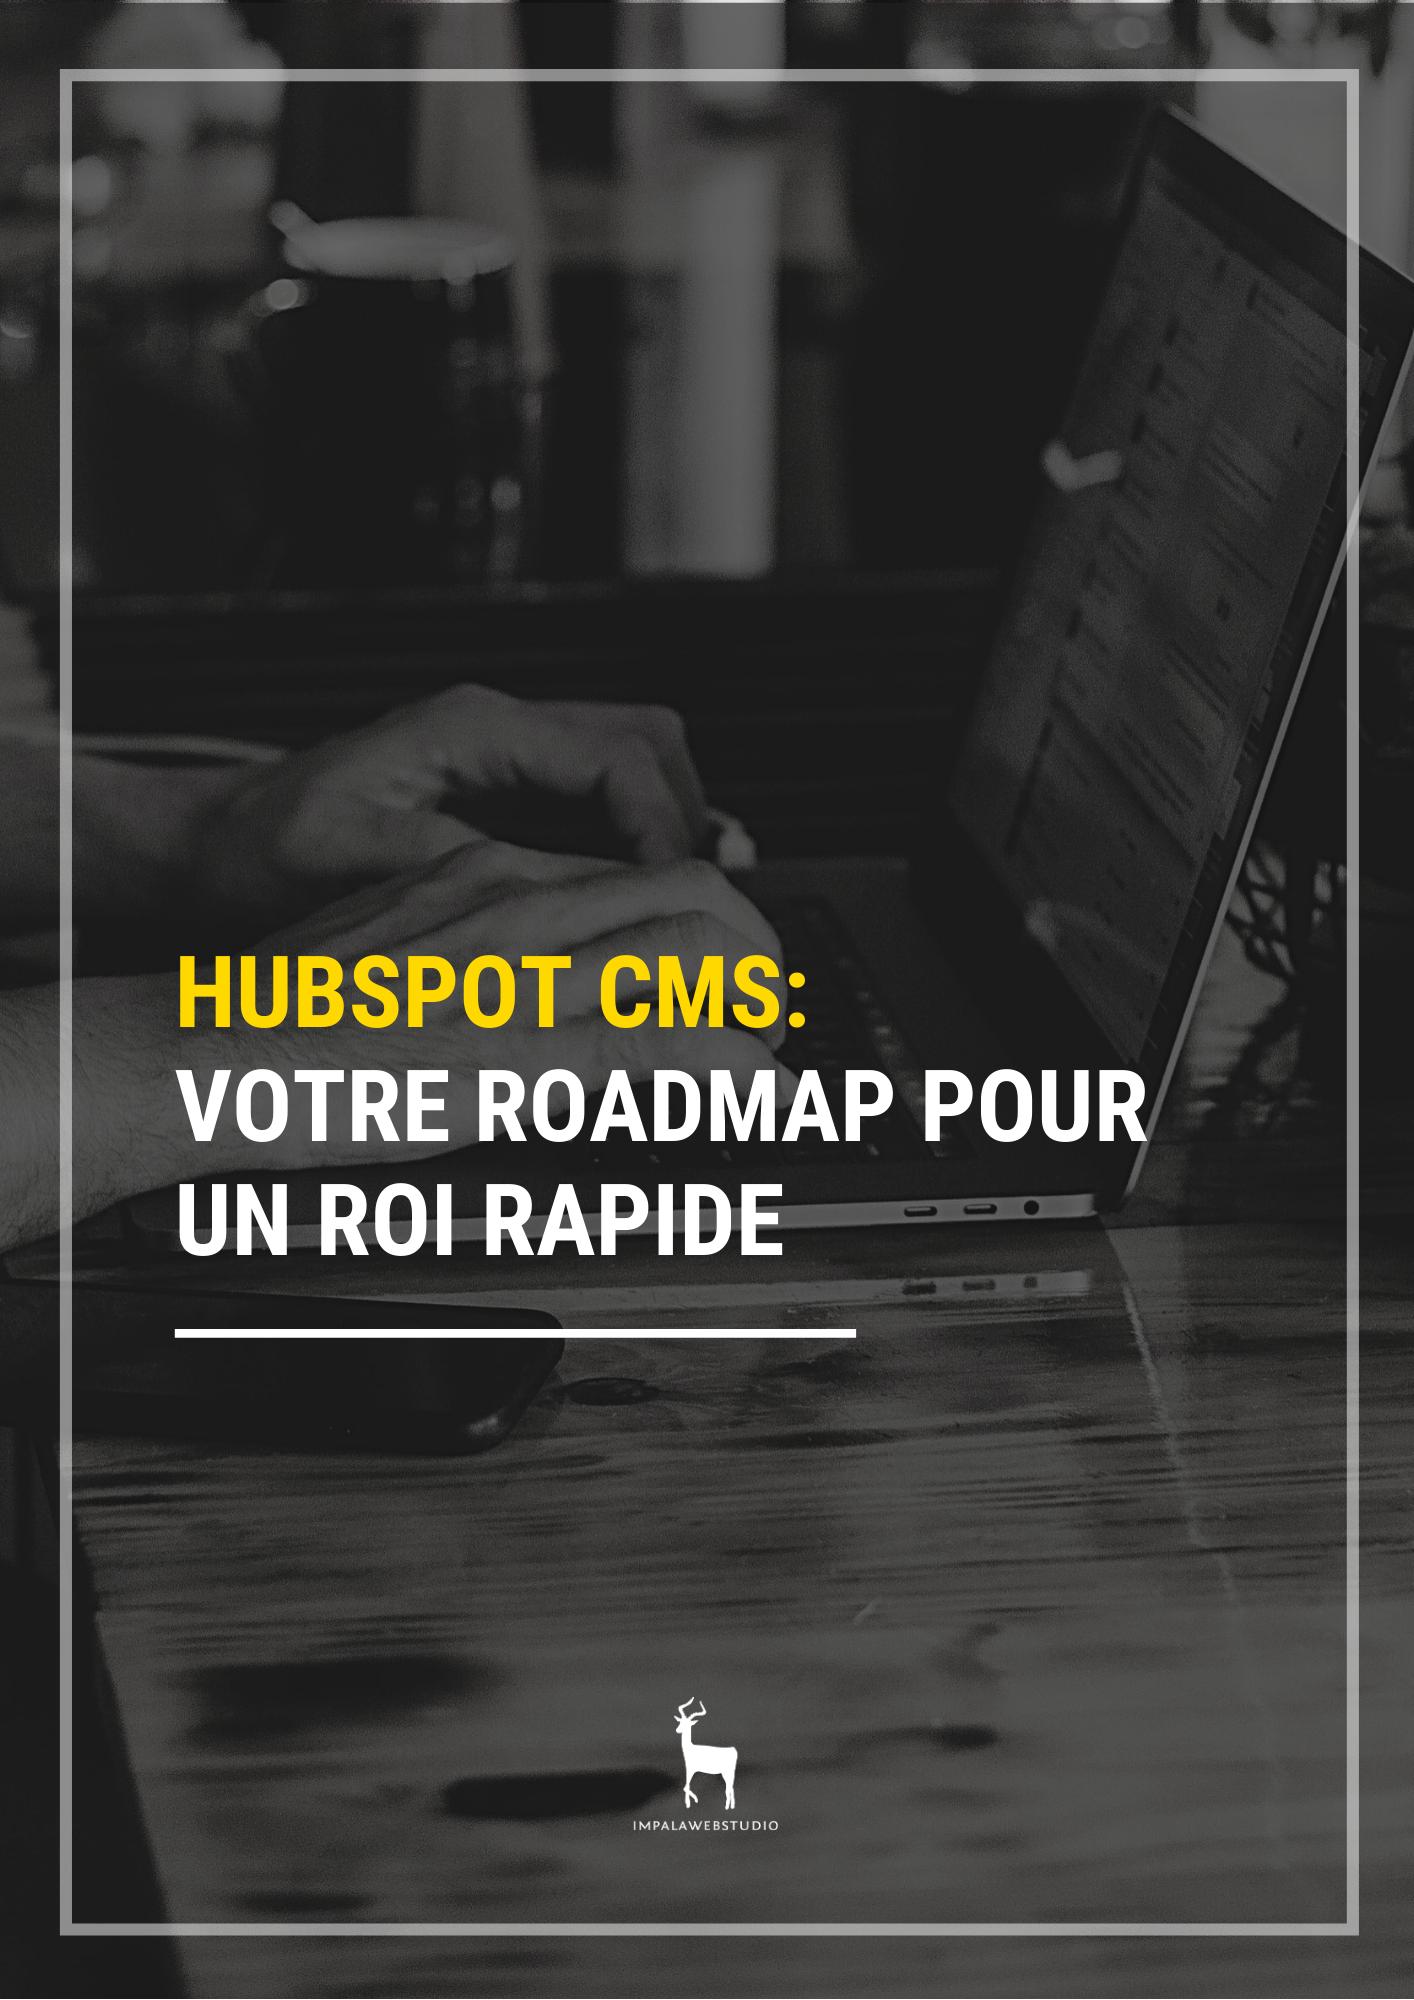 HubSpot CMS : votre roadmap pour un ROI rapide - {id=3, name='guide', order=2}